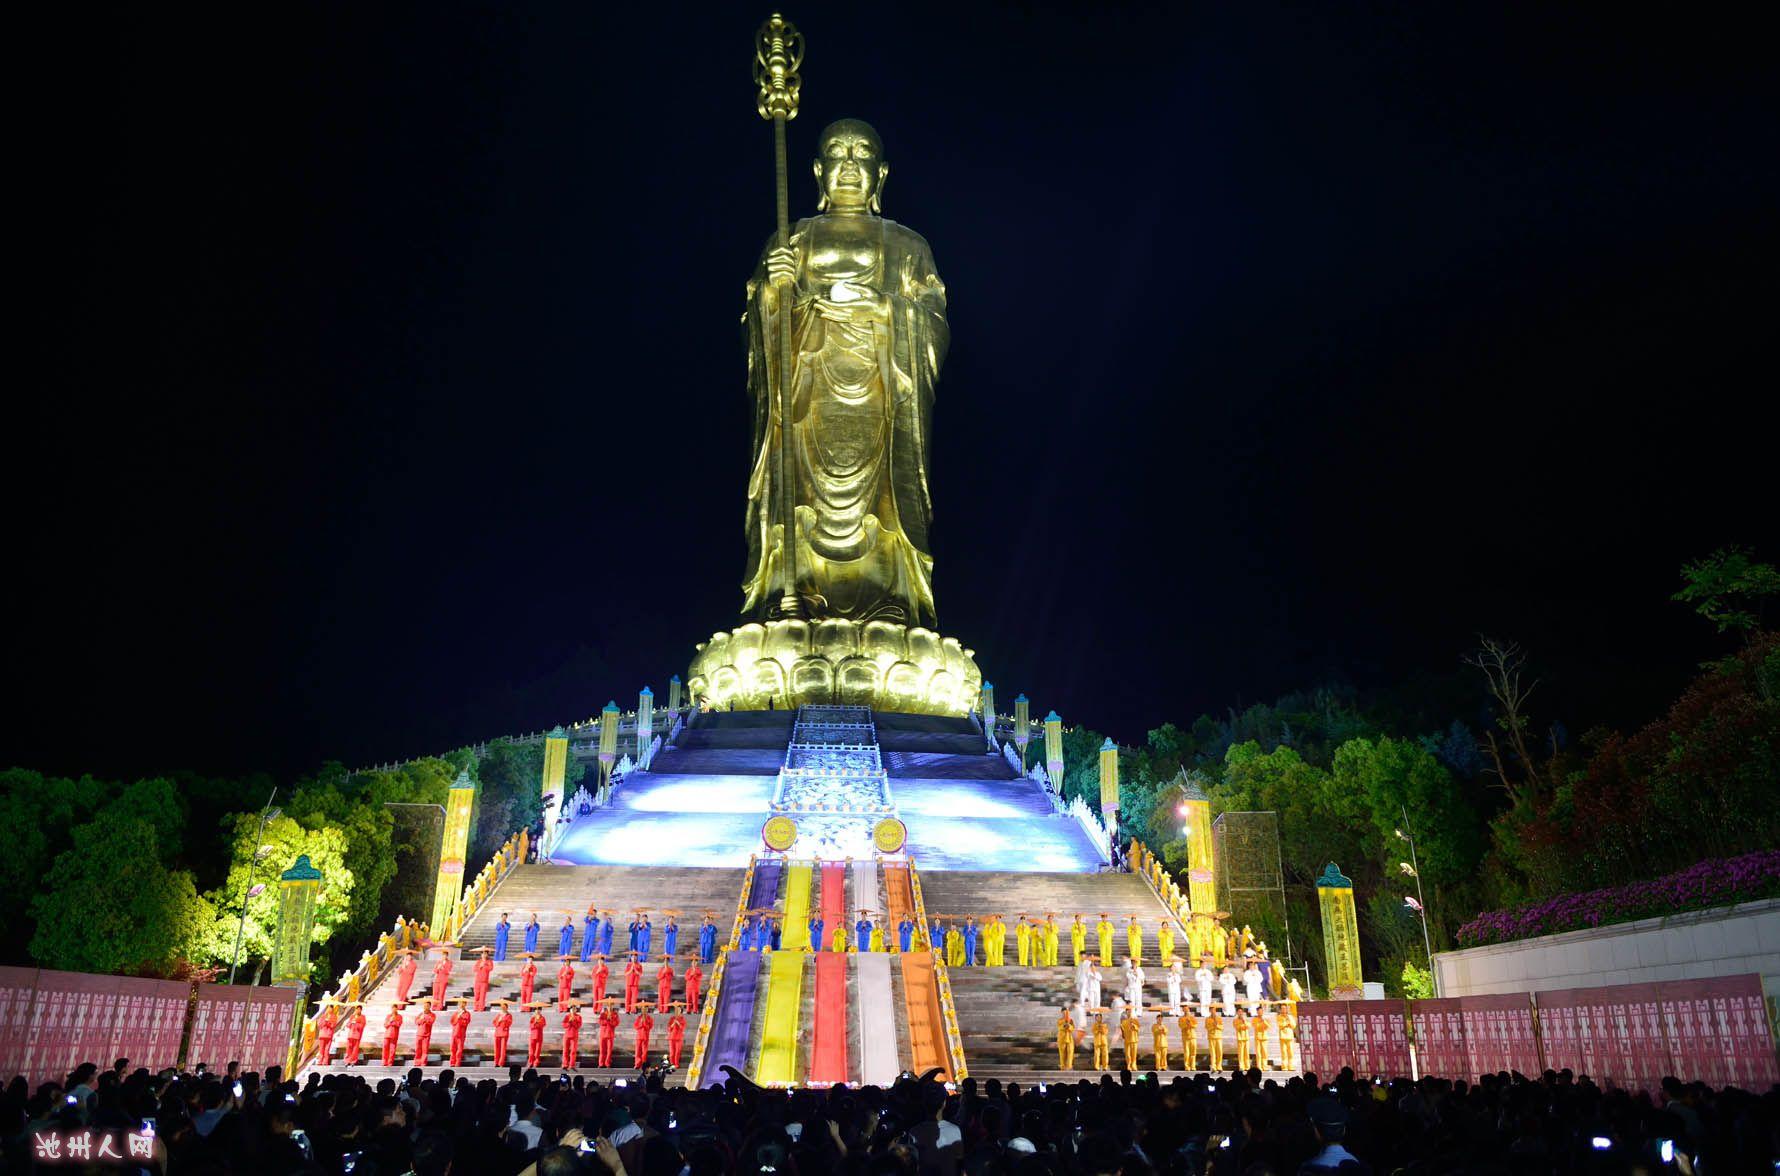 整场演出分为《缘起》、《遇见》、《解脱》、《重逢》、《祈愿》和《再来》六个时间段展示,寓意着佛教的六时吉祥,是一场没有声光秀的实景呈现,一段祈愿与观看,地藏文化与行为艺术完美结合的人文阐释。赋内容于艺术表现之中,基调平和,如诗如画,在梵音梵乐中,在檀香袅绕中,让现场的观众得到心灵的净化,达到闻所未闻、见所未见的视觉效果及心灵震撼。